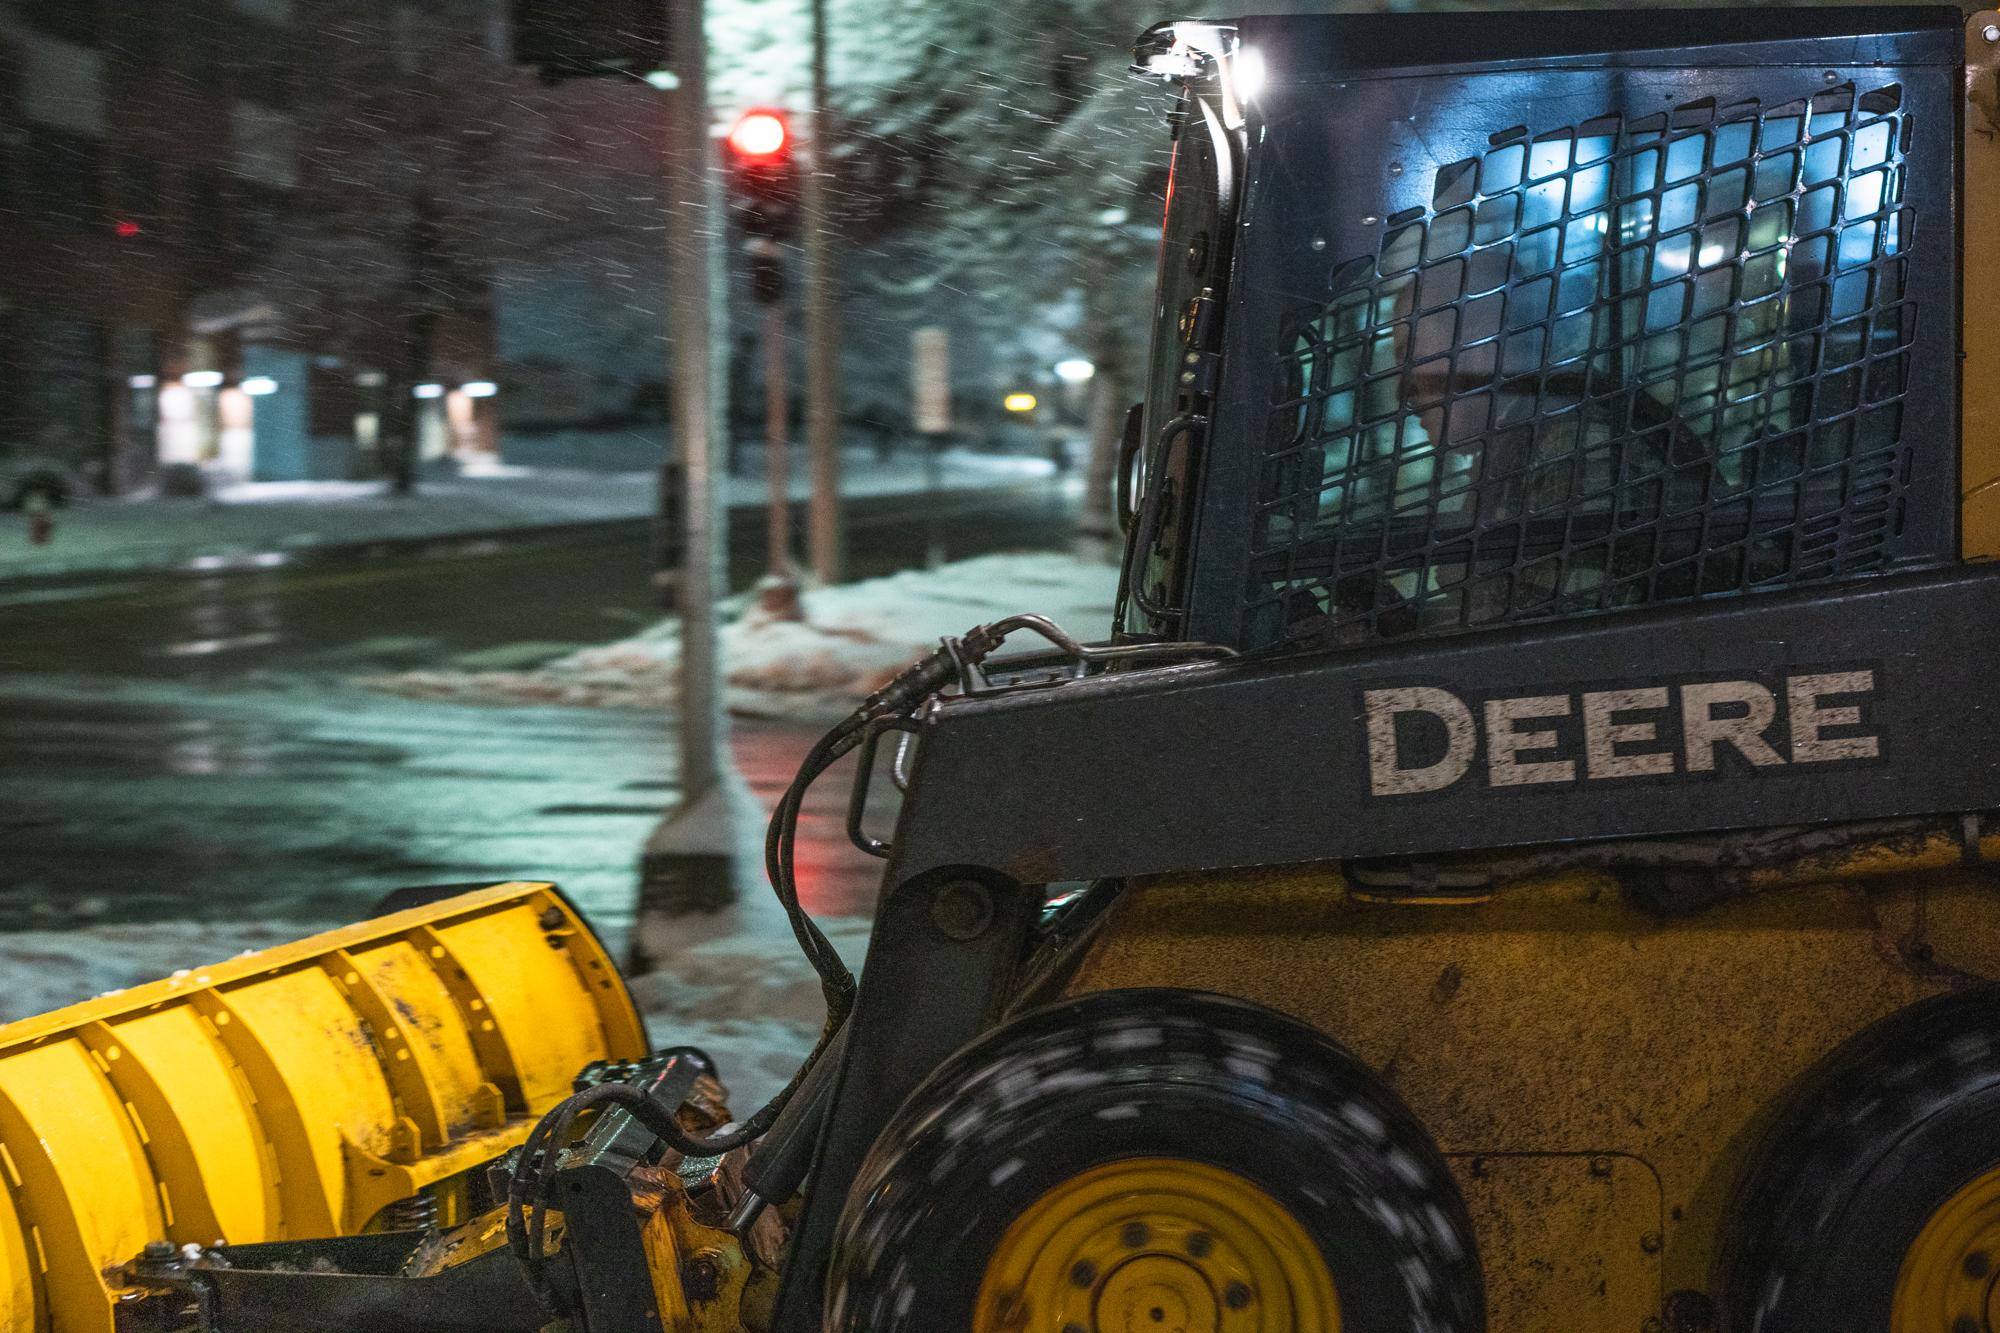 Ice removal in burlington